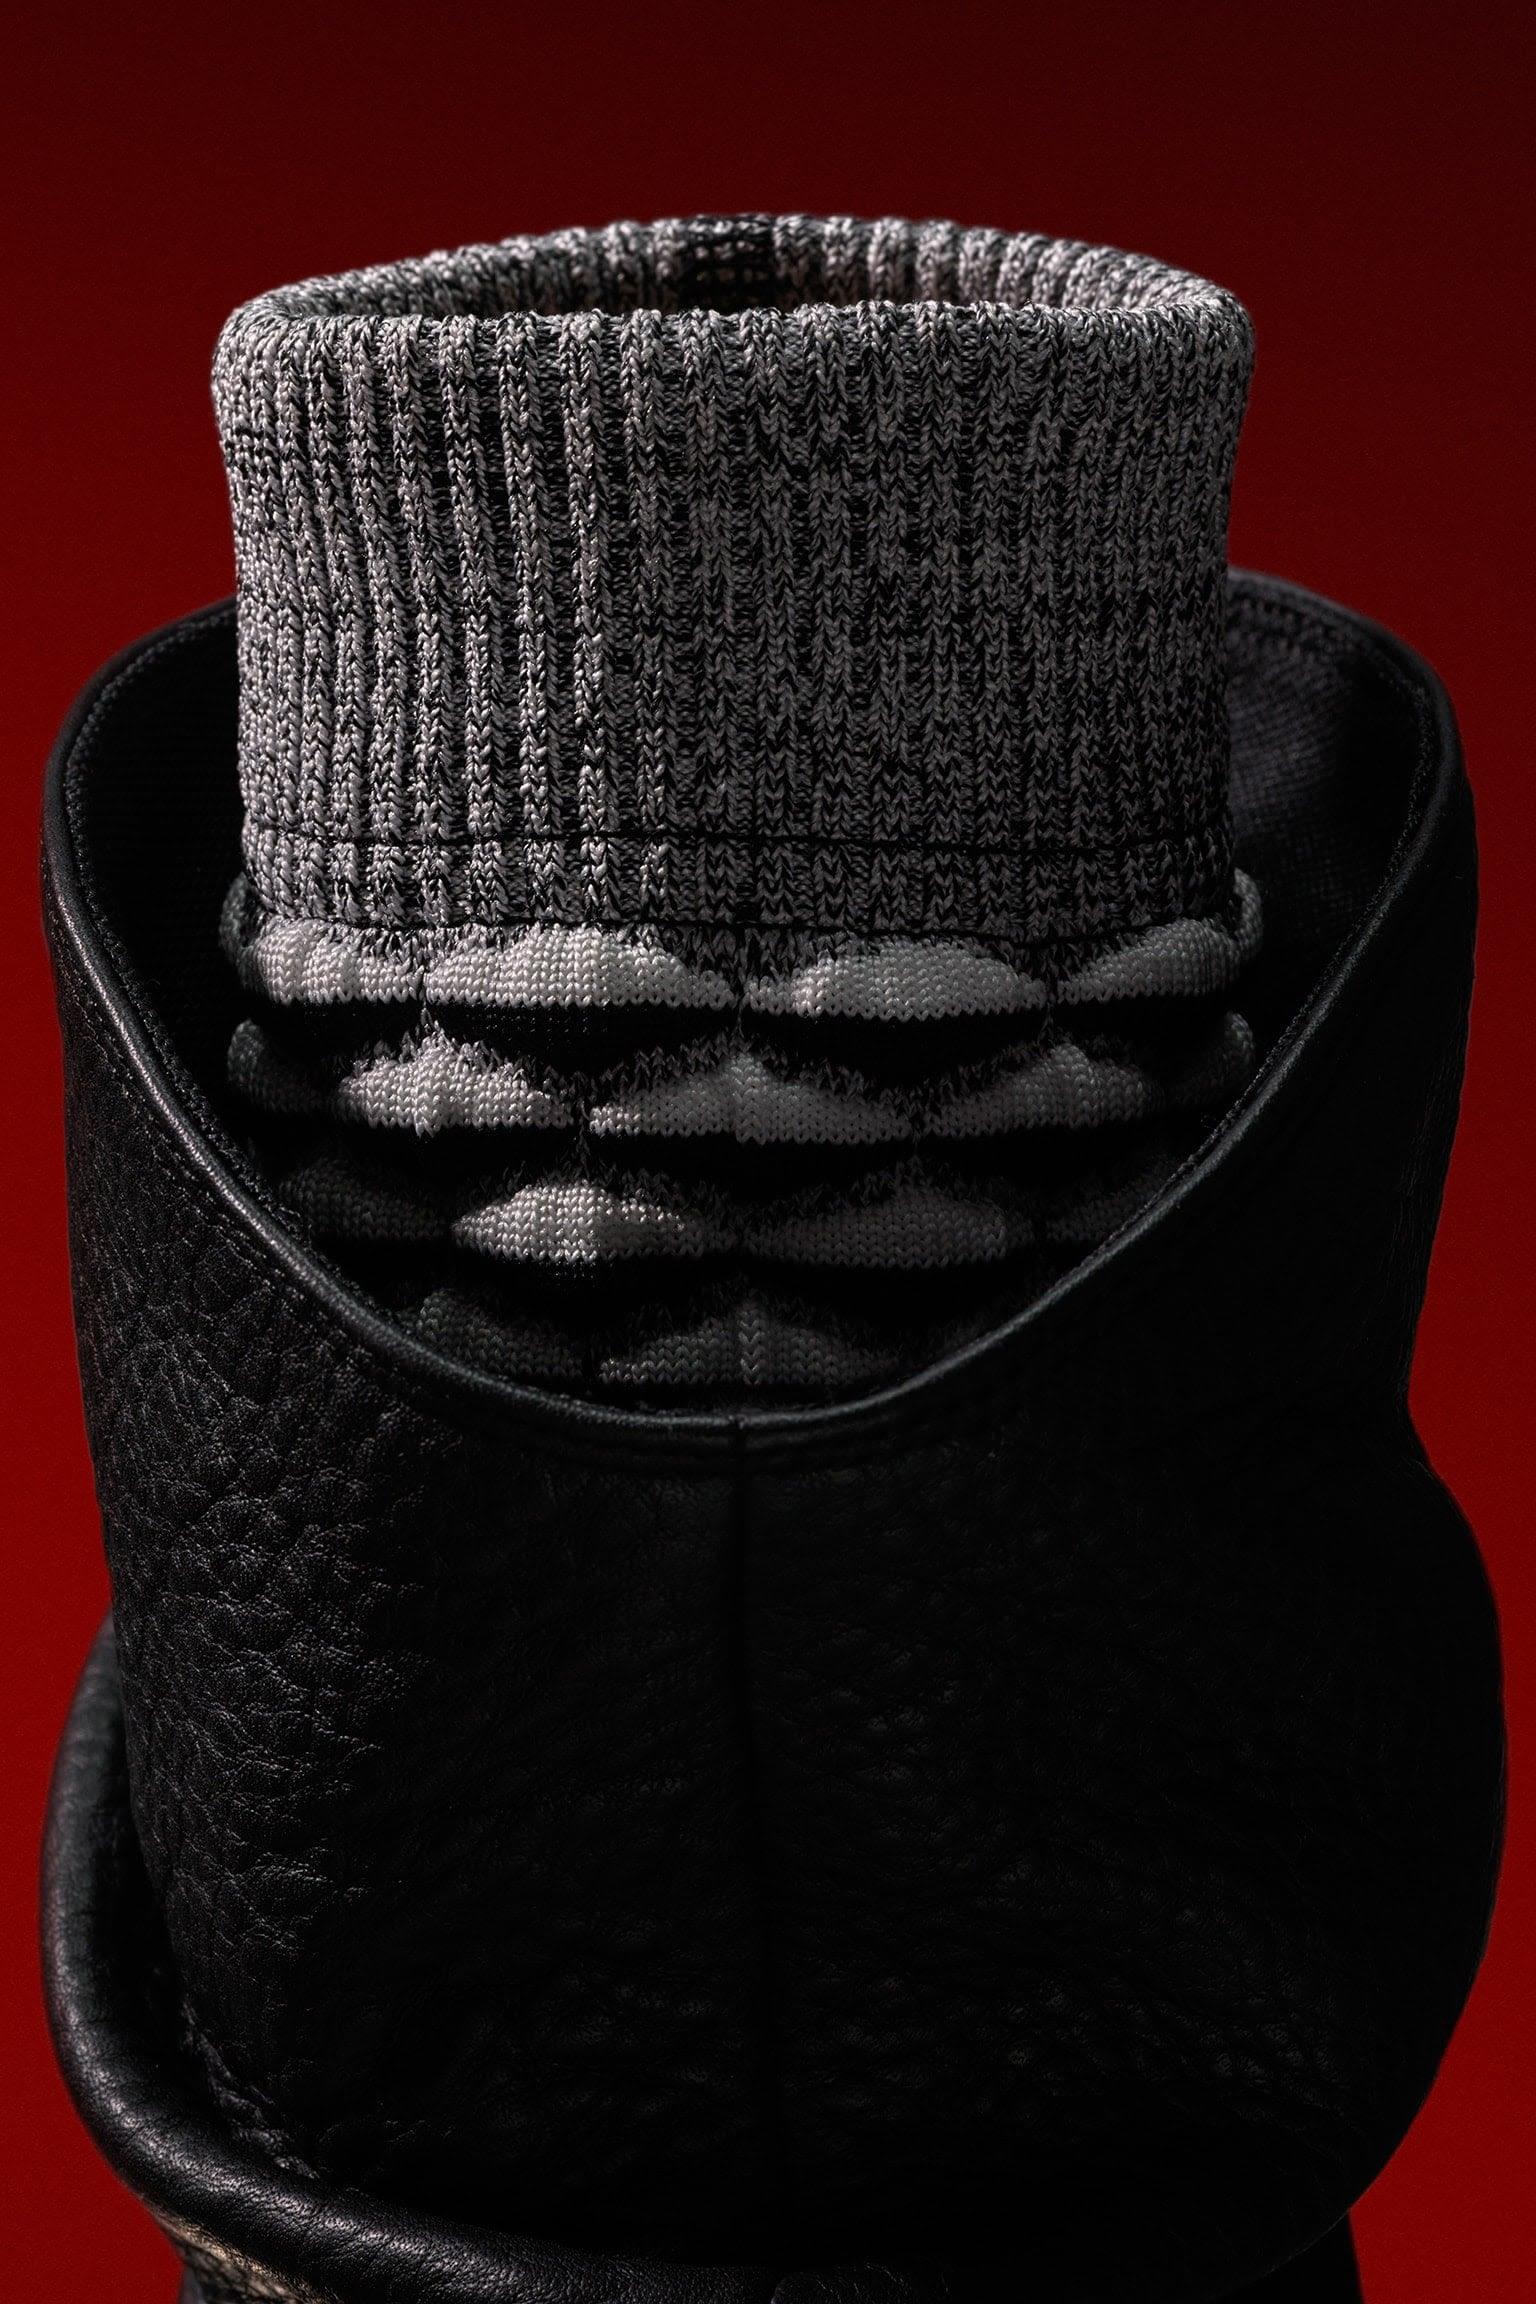 Nike Roshe Two Flyknit Hi Sneakerboot 'Black & White' voor dames. Releasedatum